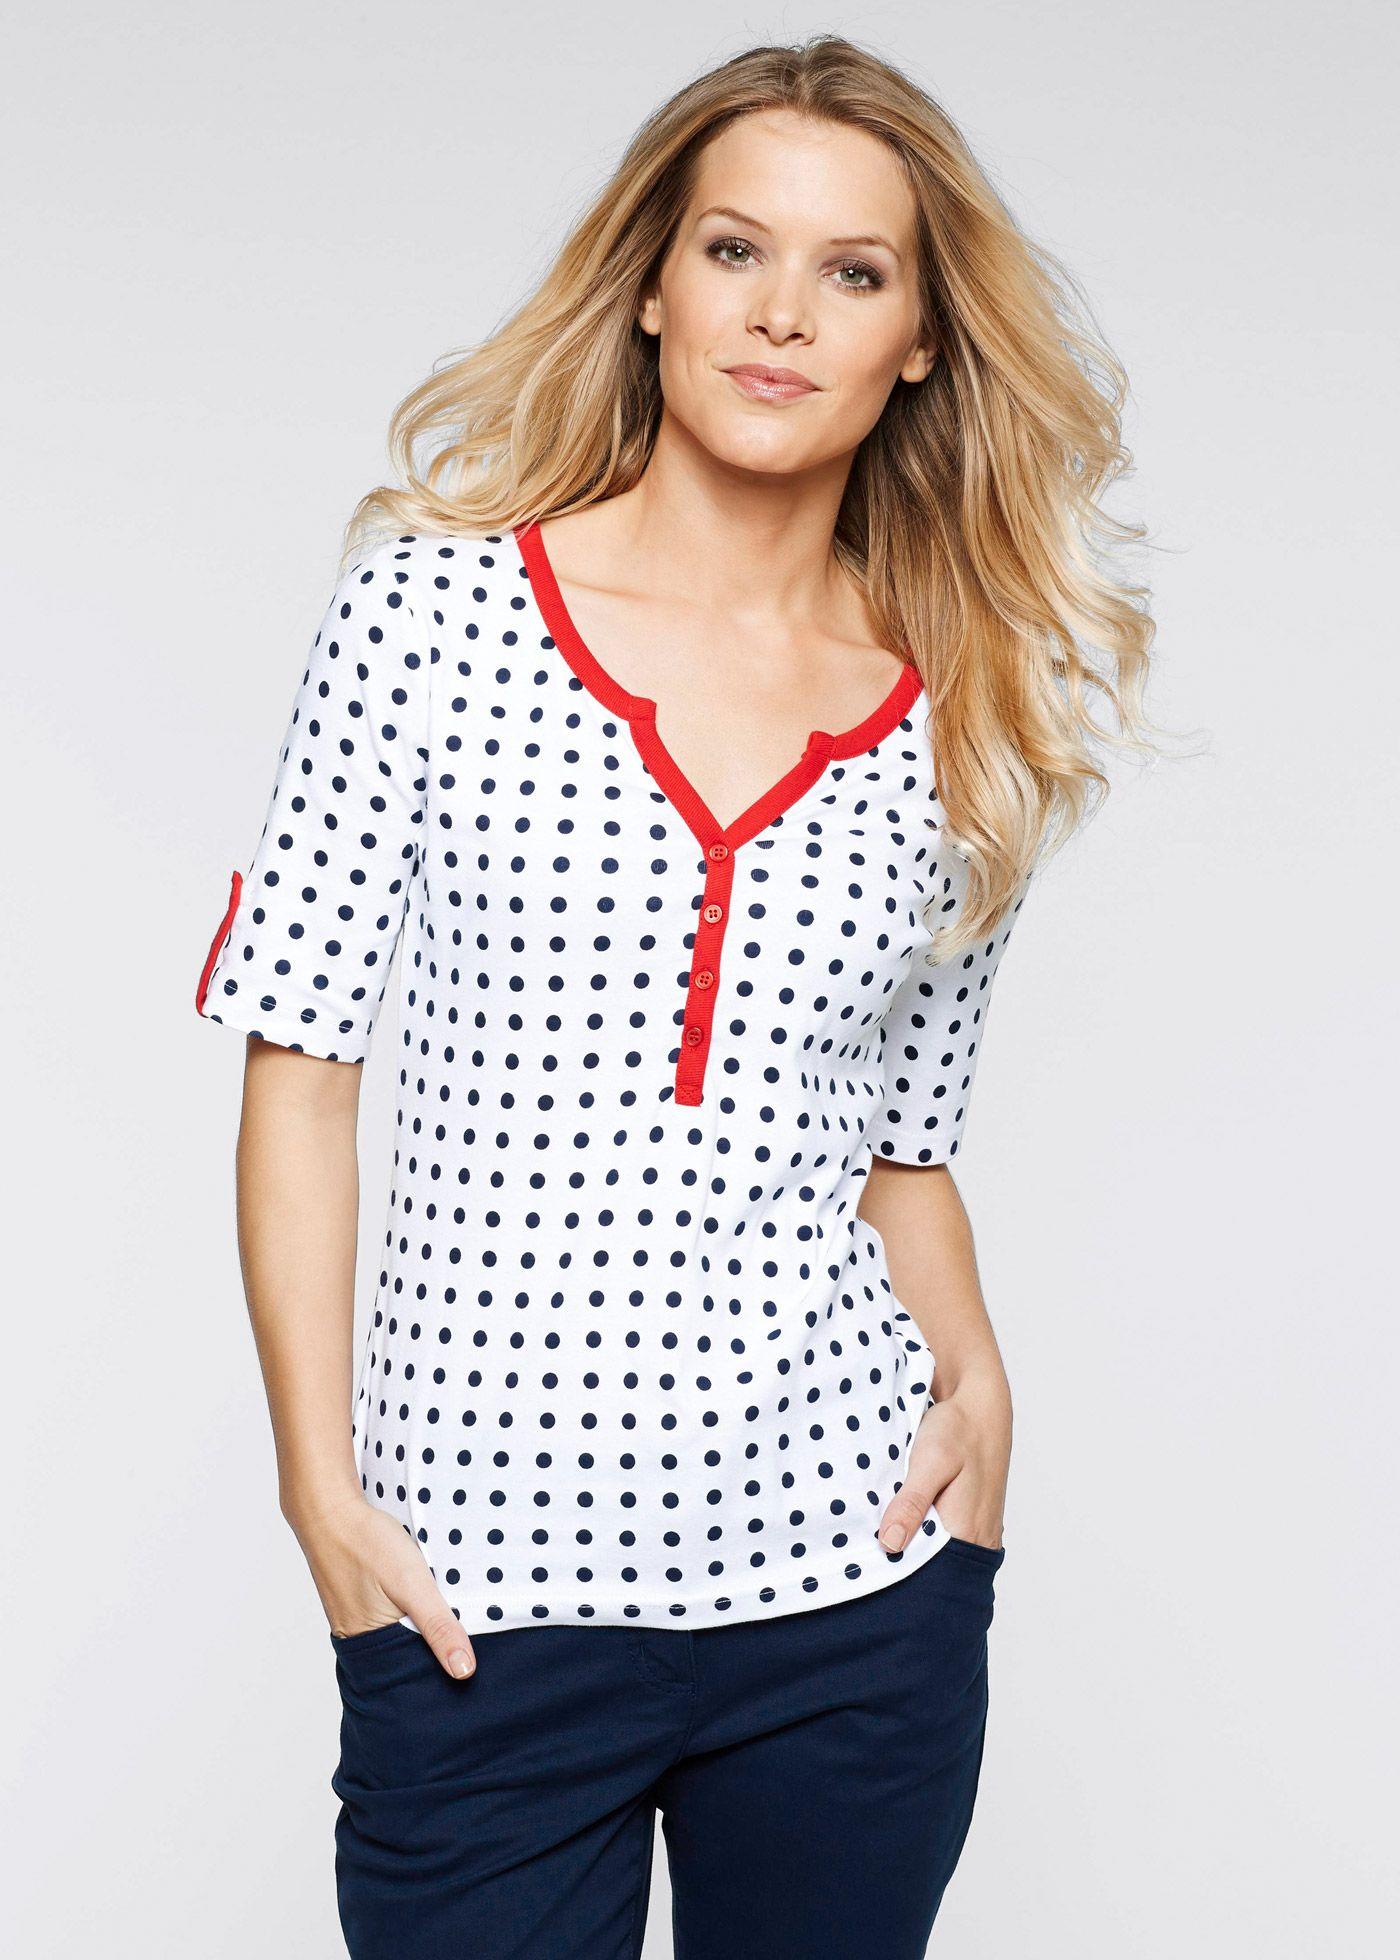 e366363537 Blusa estampada manga 3 4 azul escuro morango branco bolinhas - Moda  Feminina - bonprix.de Mais